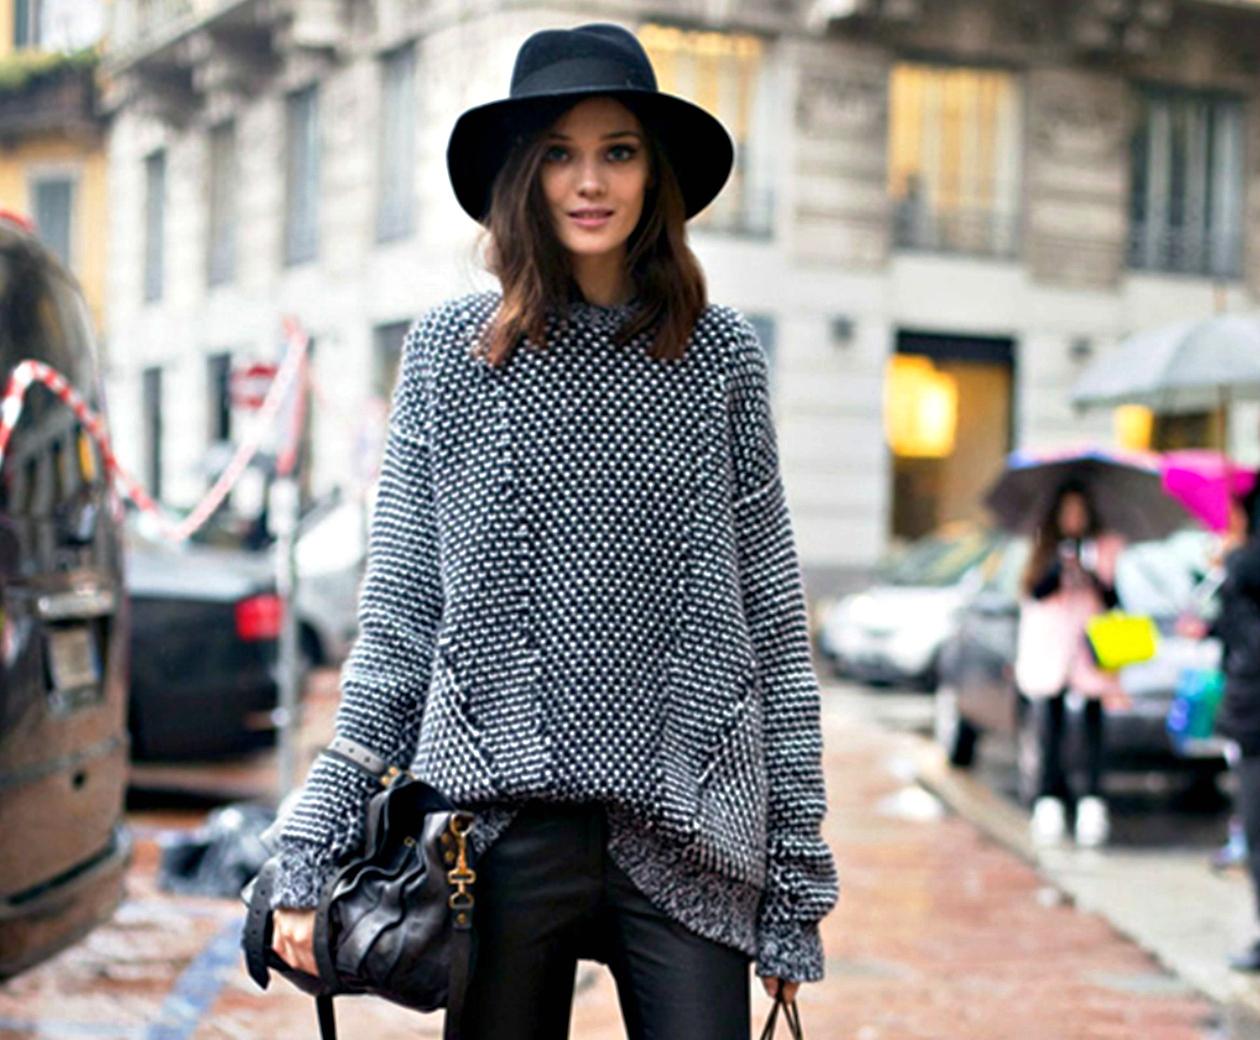 87501d4cff35 Женская одежда: полезные советы